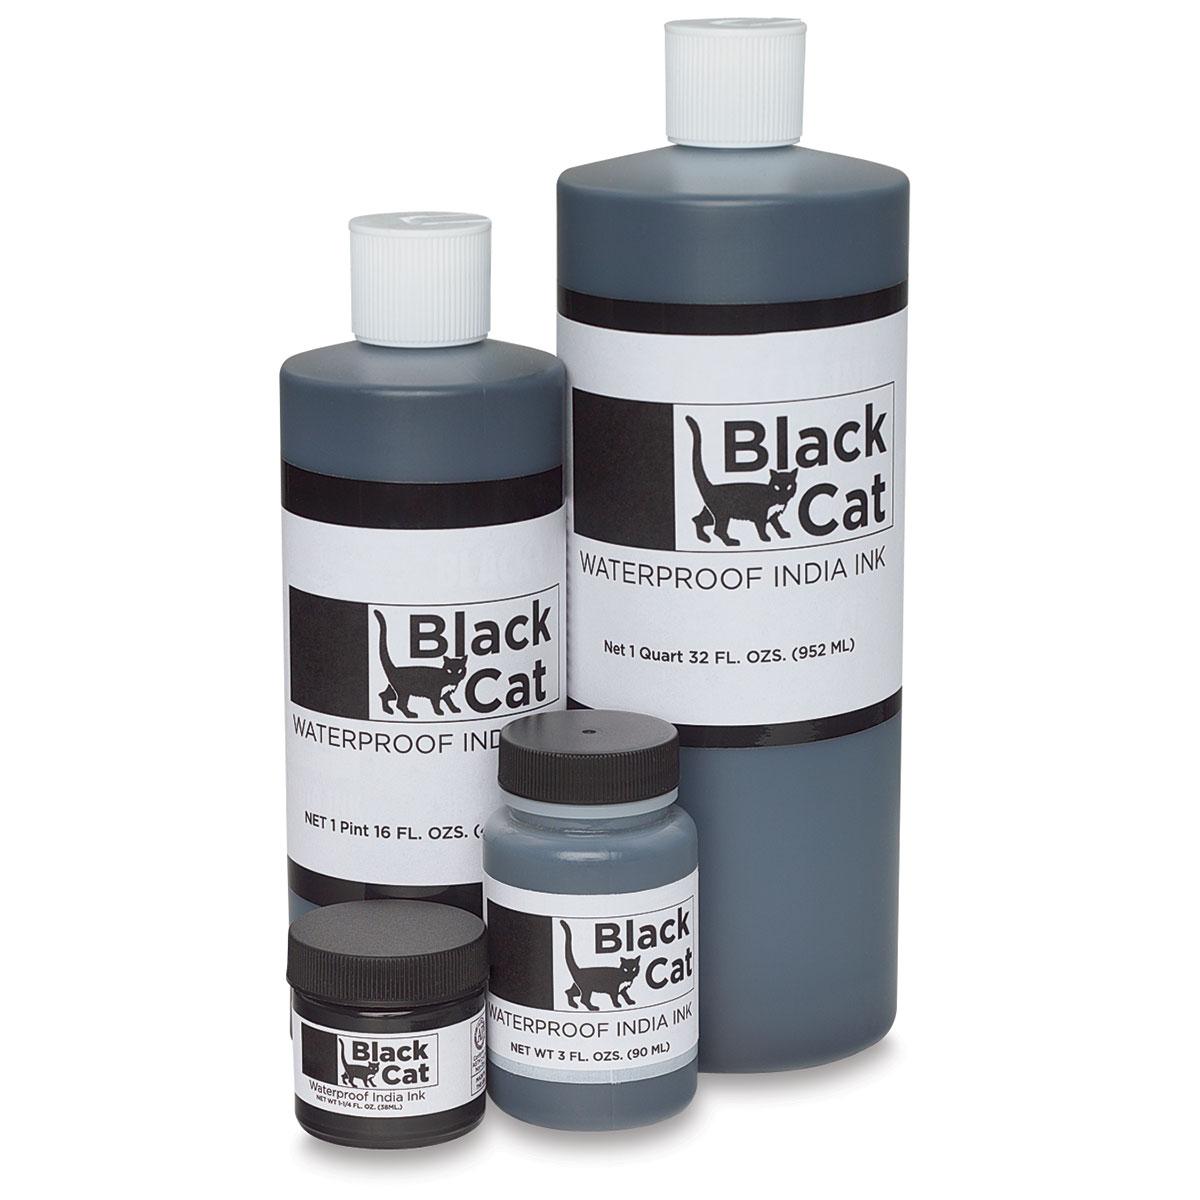 Black Cat Waterproof India Ink